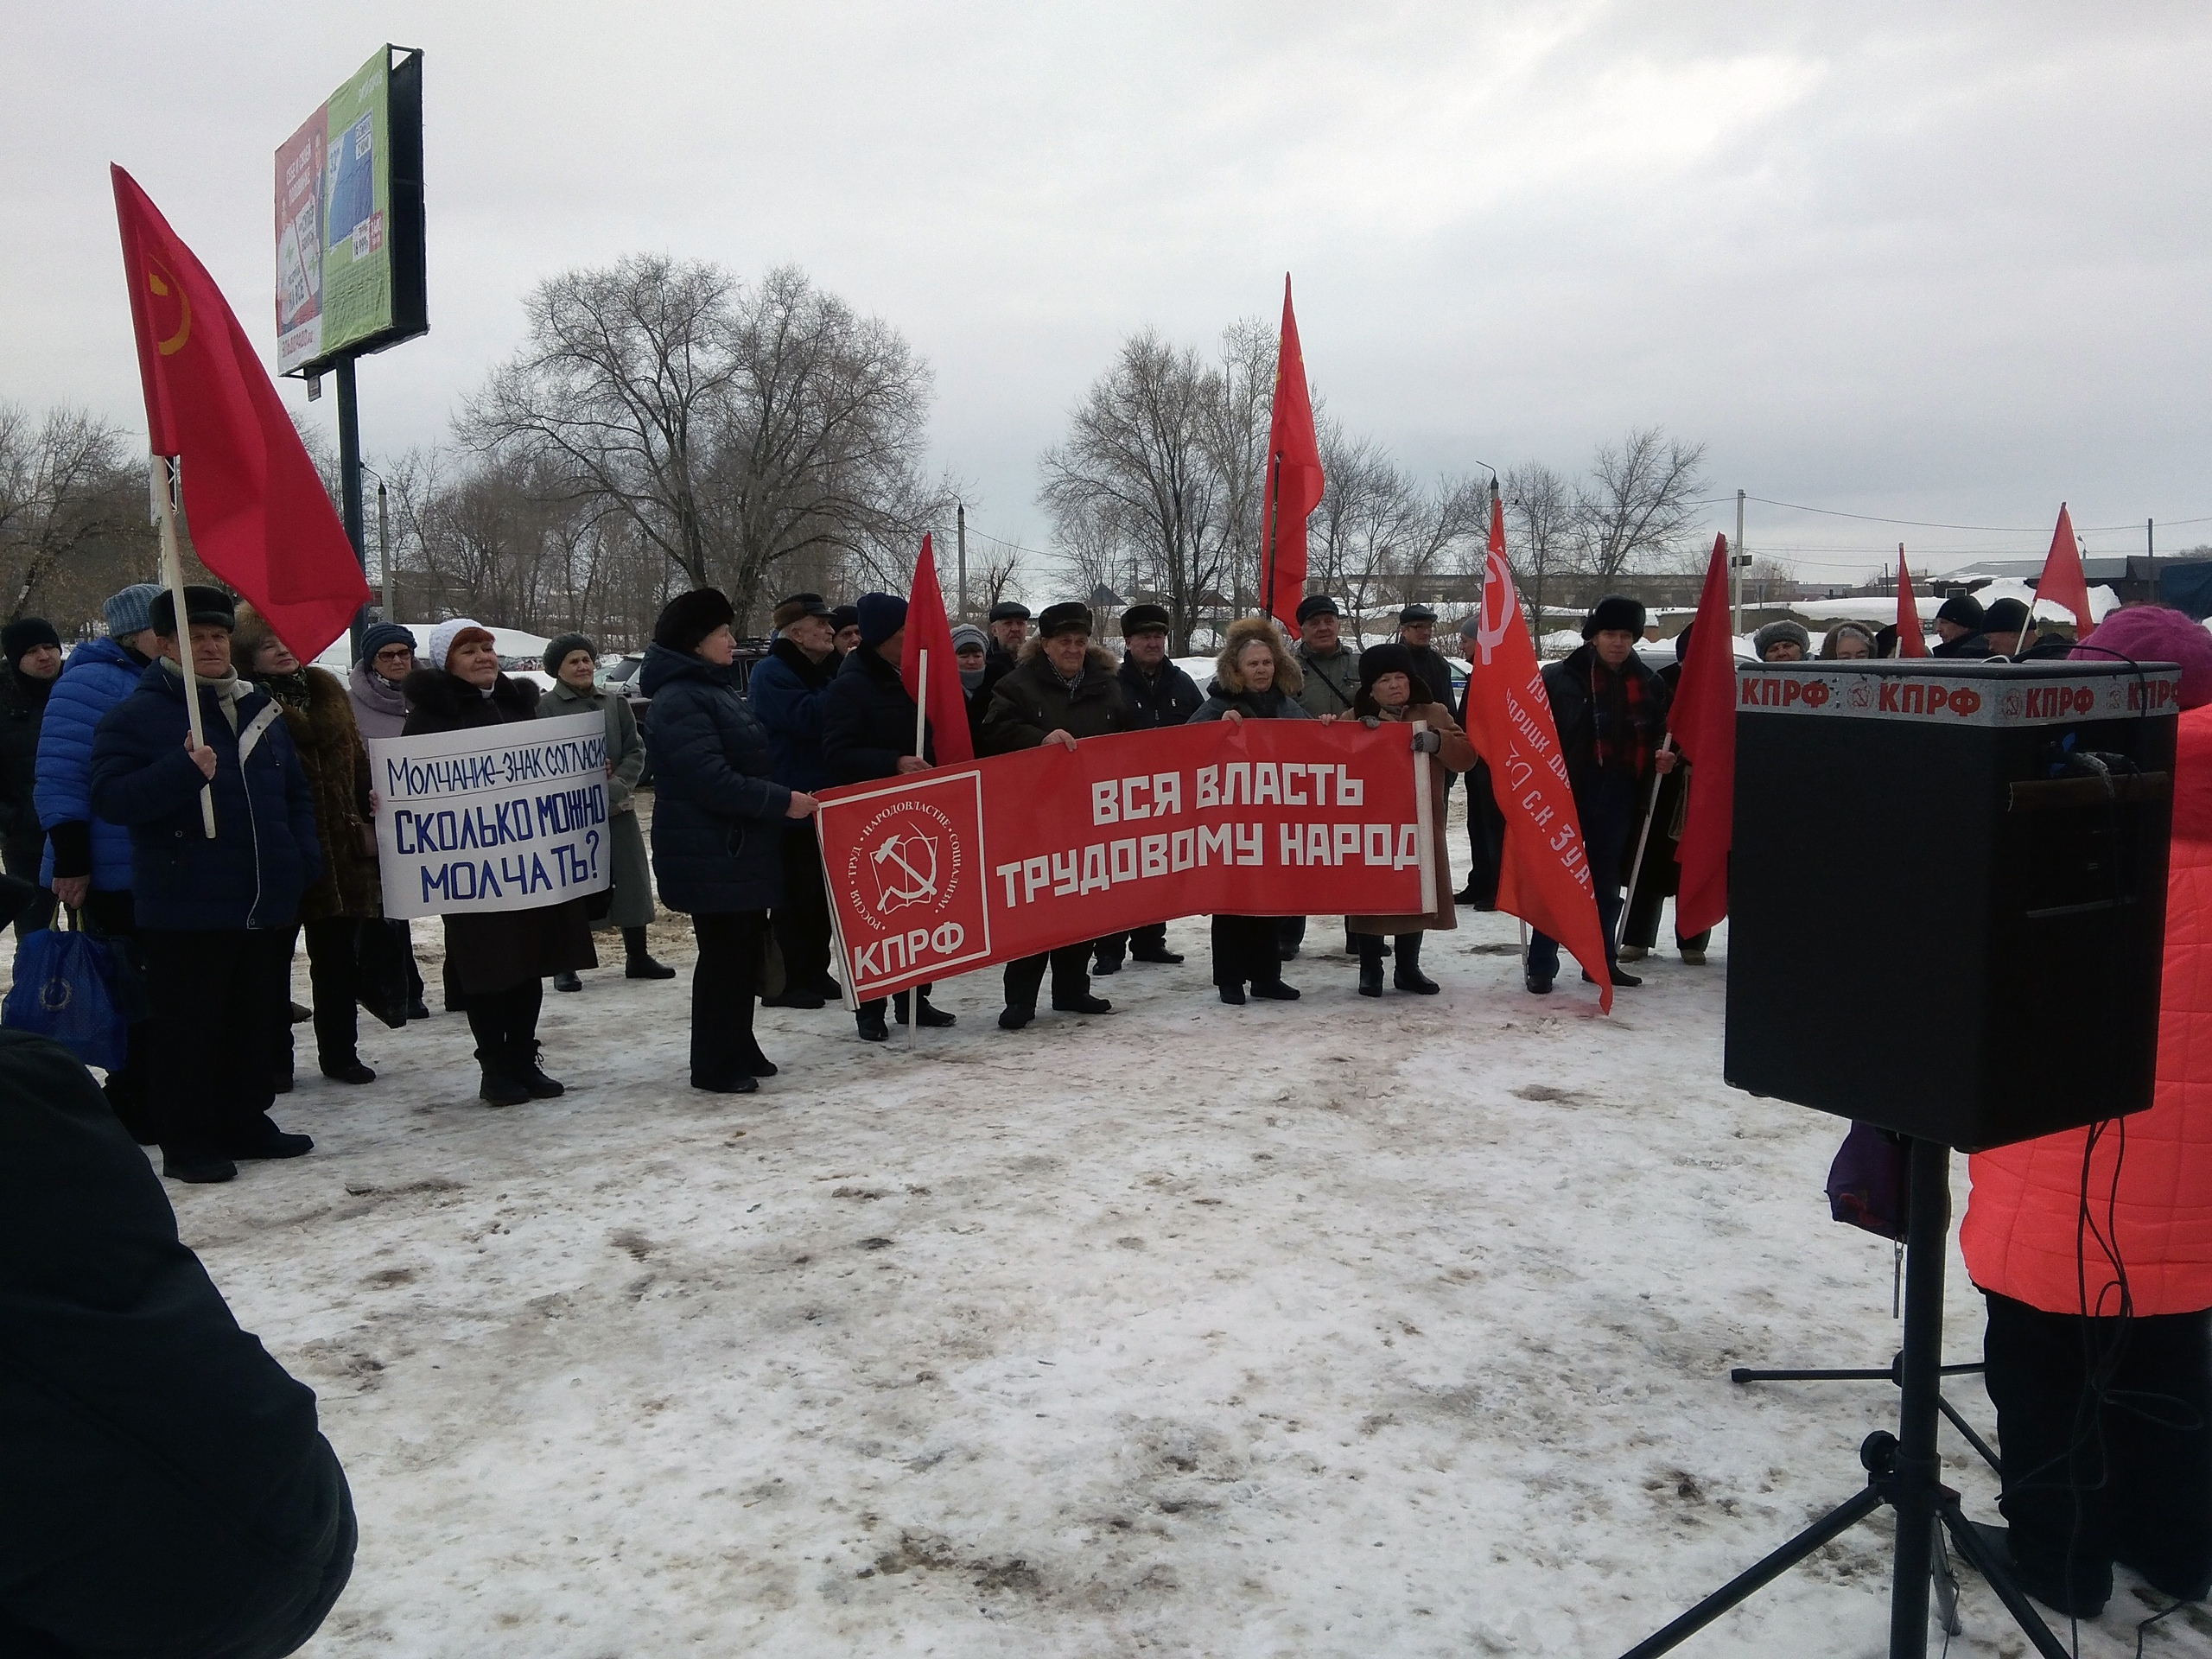 Митинг в Сызрани КПРФ 16 февраля